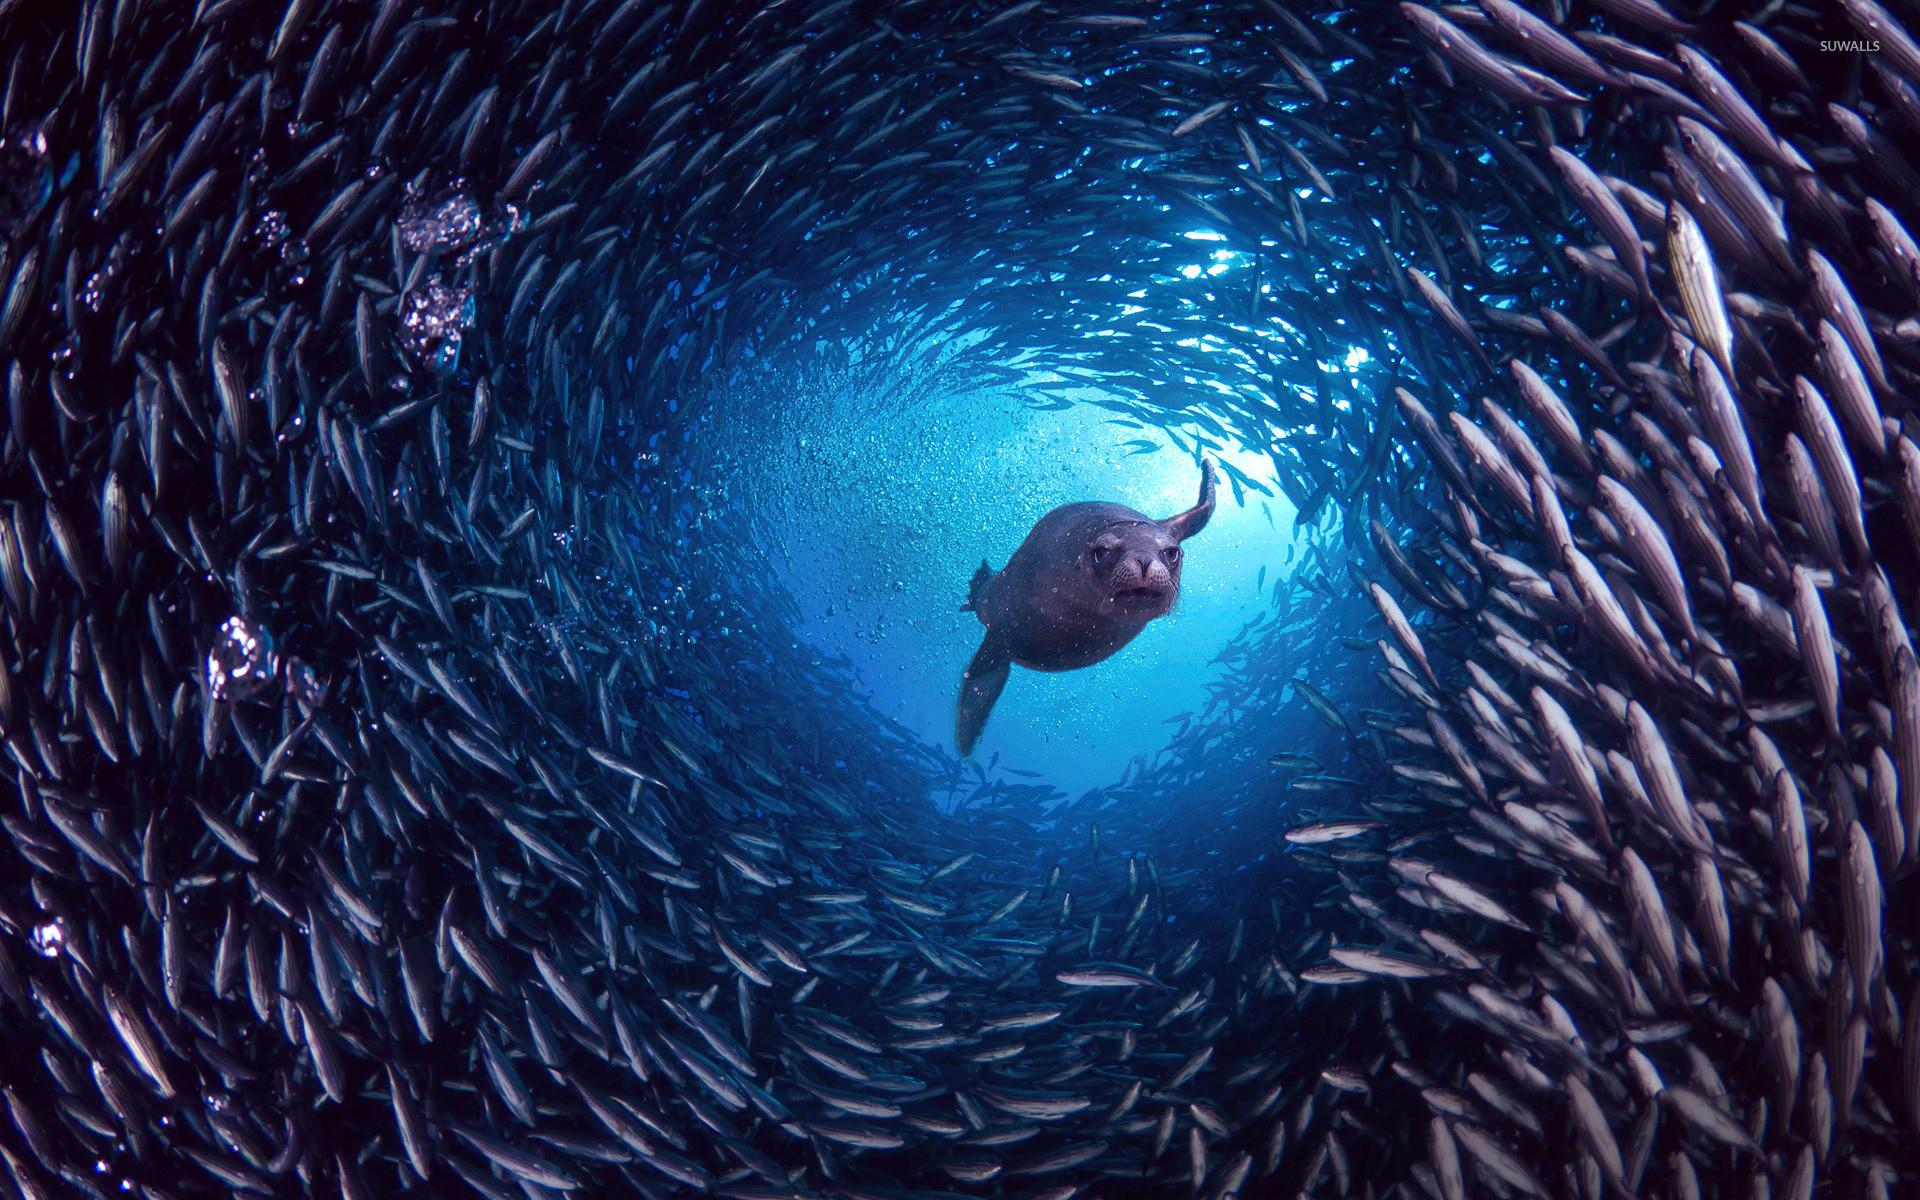 Sea Lion Wallpaper 47 Images